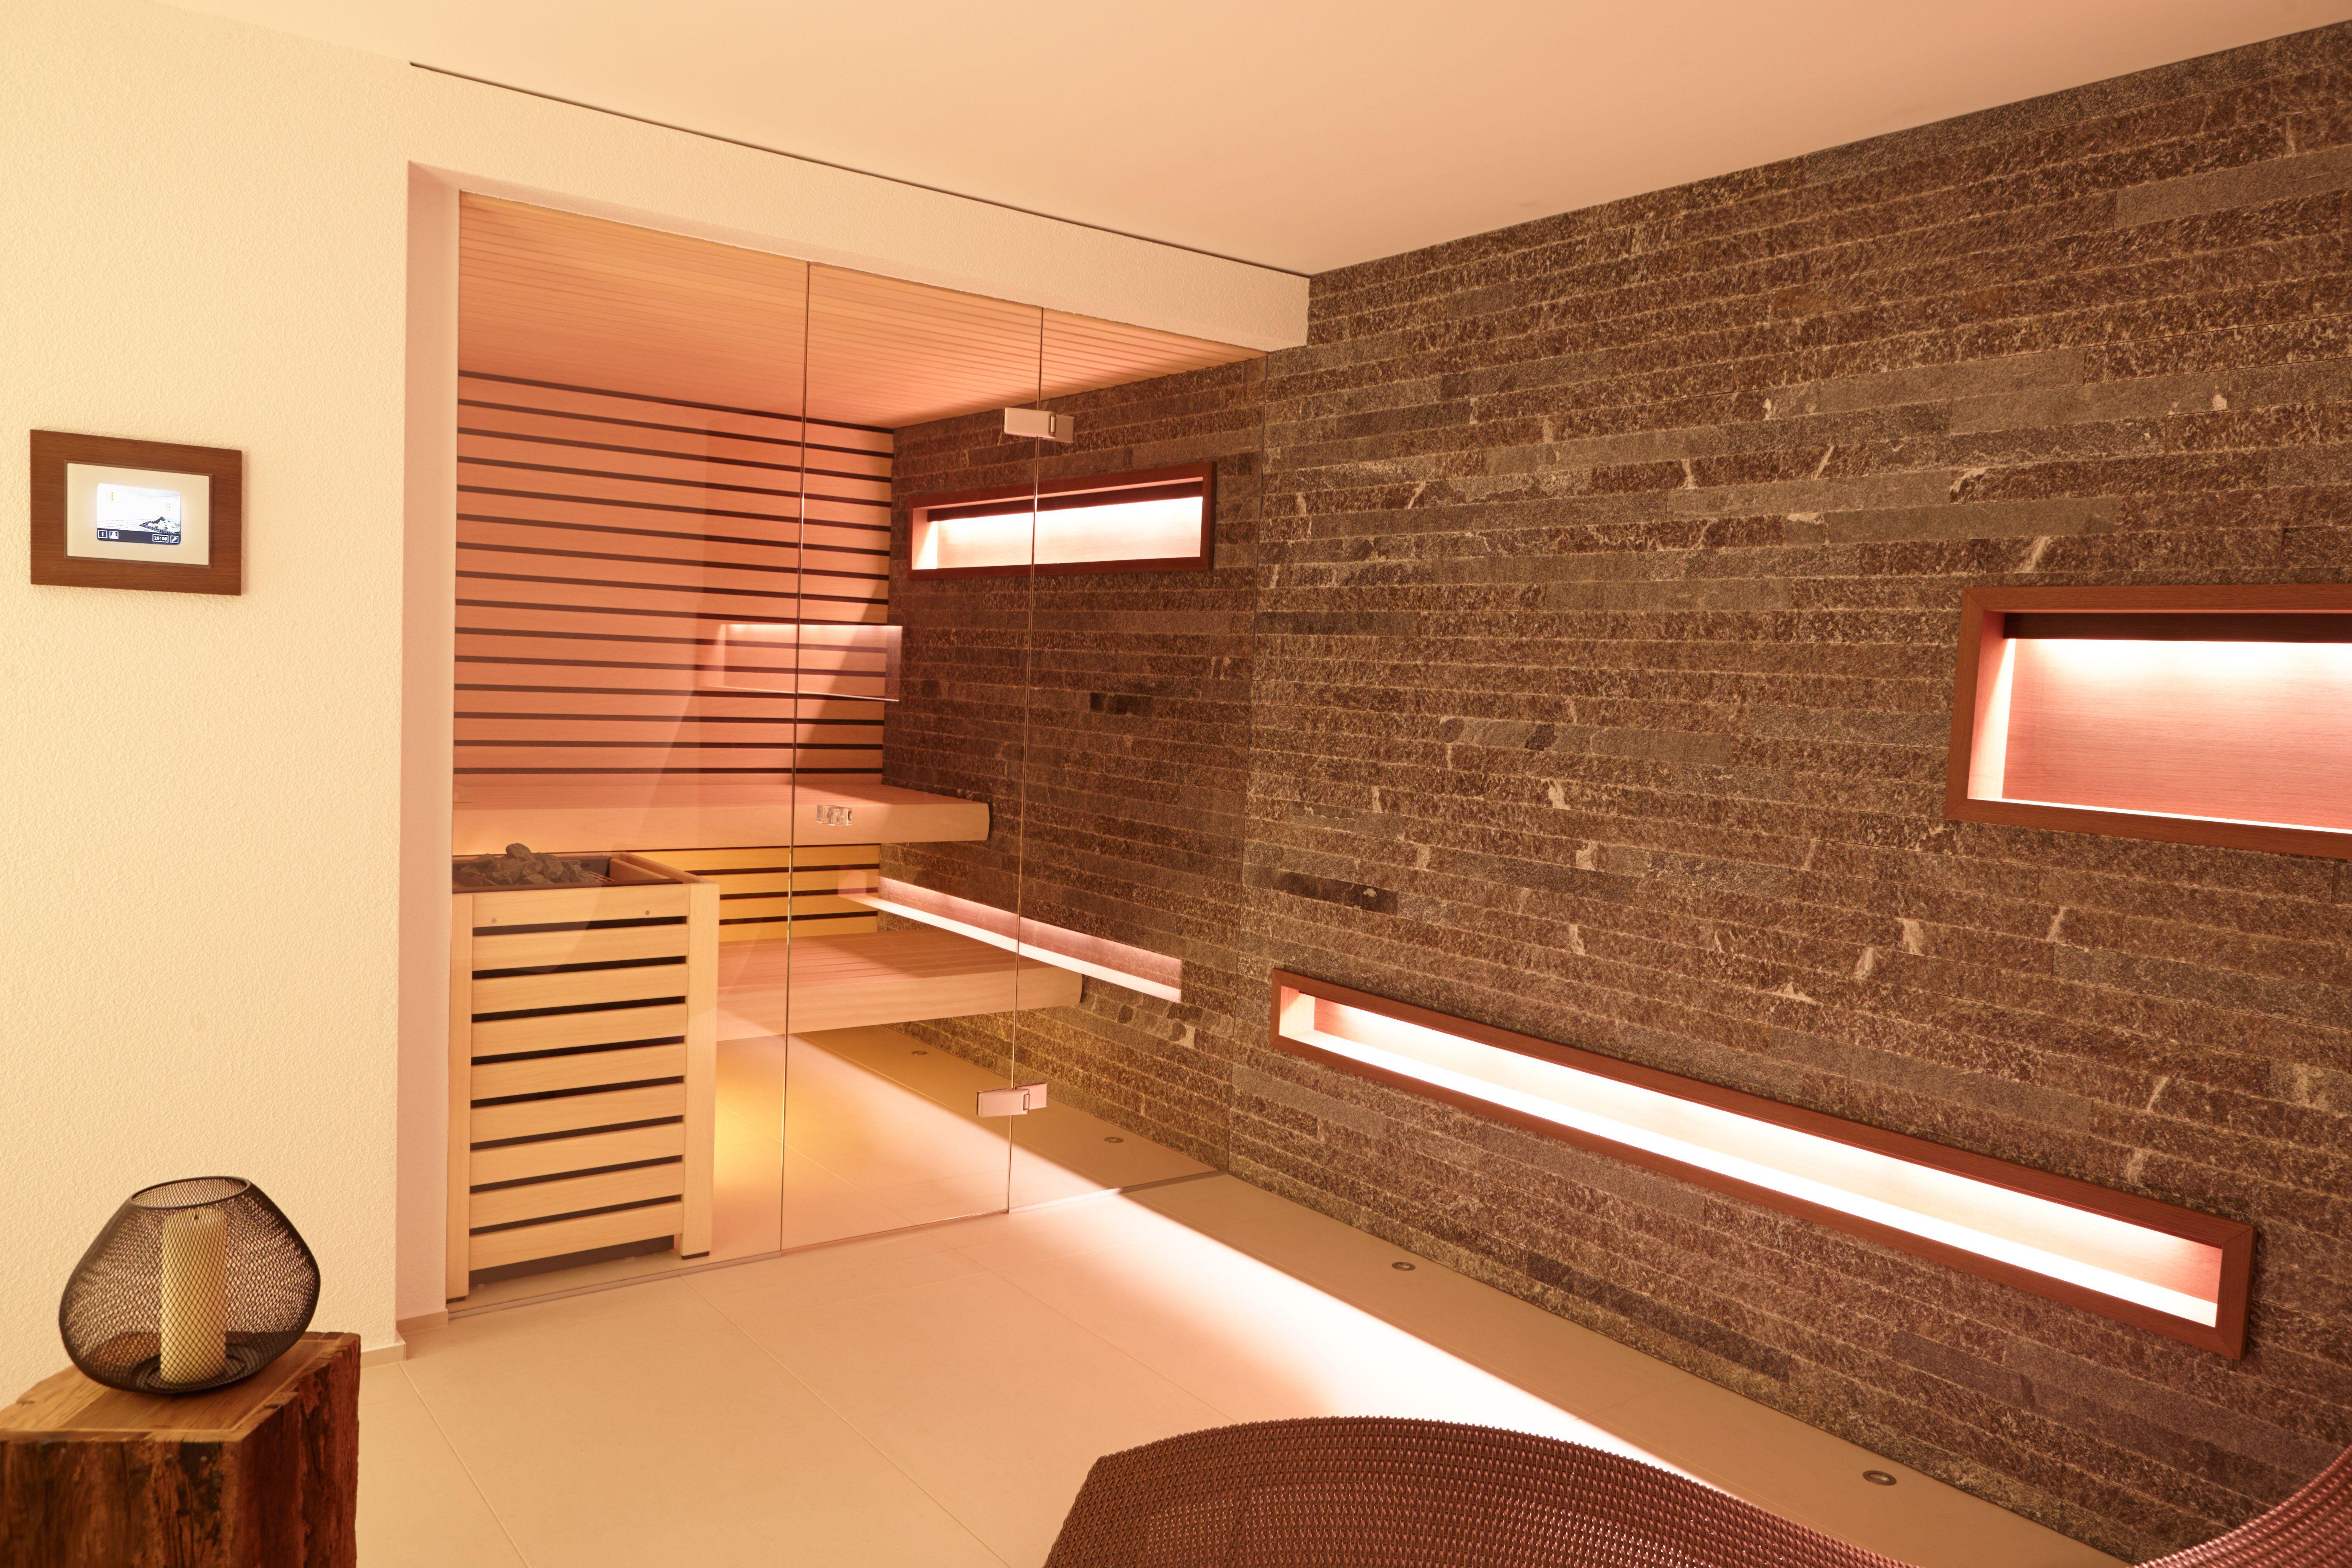 Spa Und Wellness Zentren Kreative Architektur – usblife.info